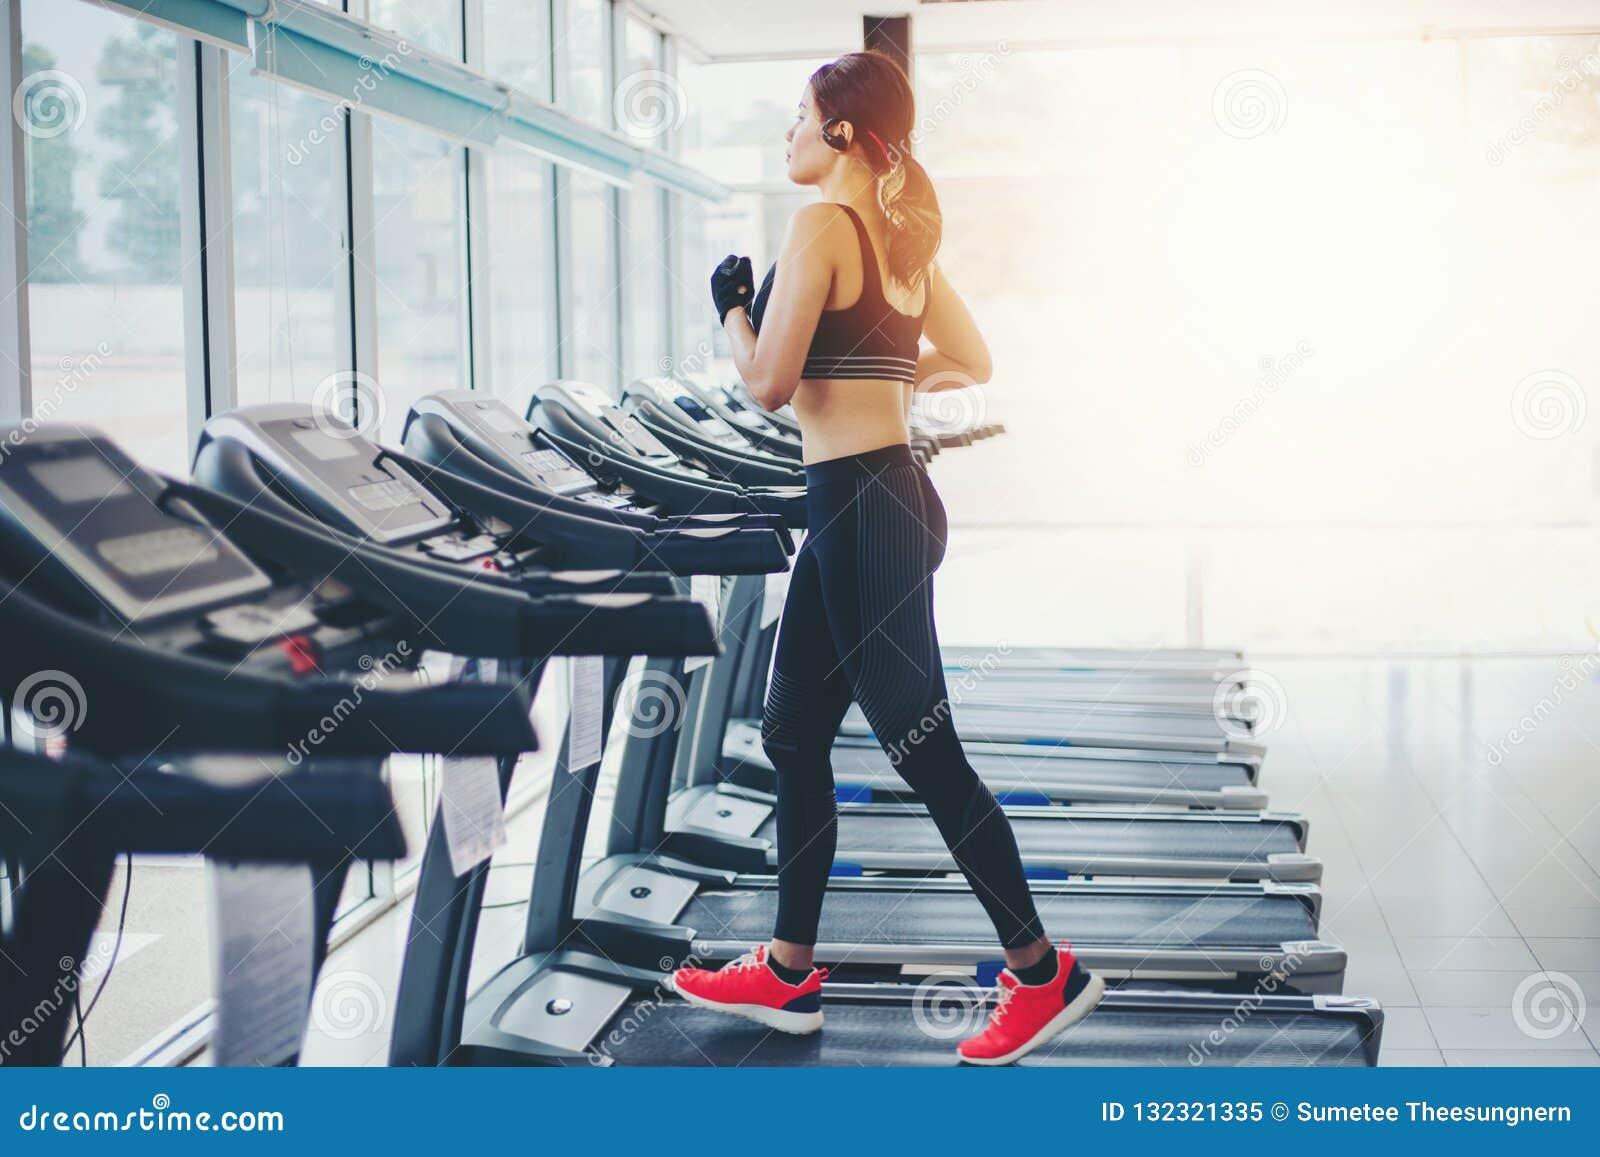 Sport Femmes Des Asiatiques Au De Gymnase Courant Tandis Chaussures fbgYy7vI6